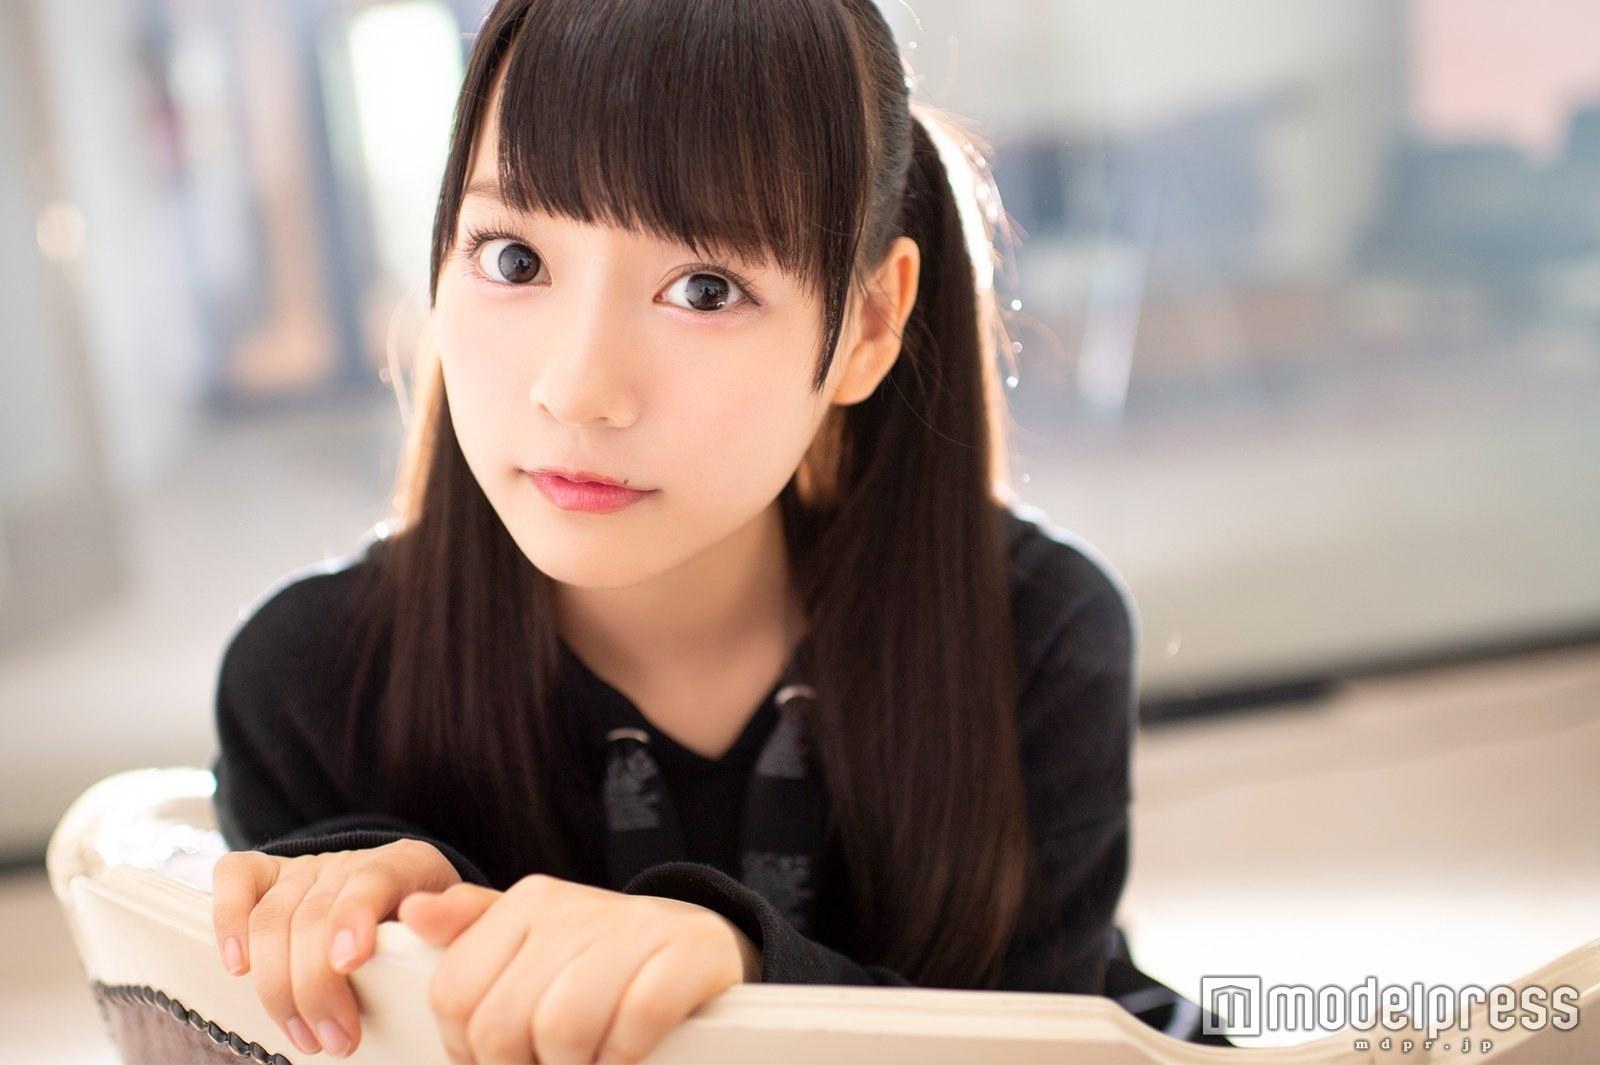 Saito Nagisa